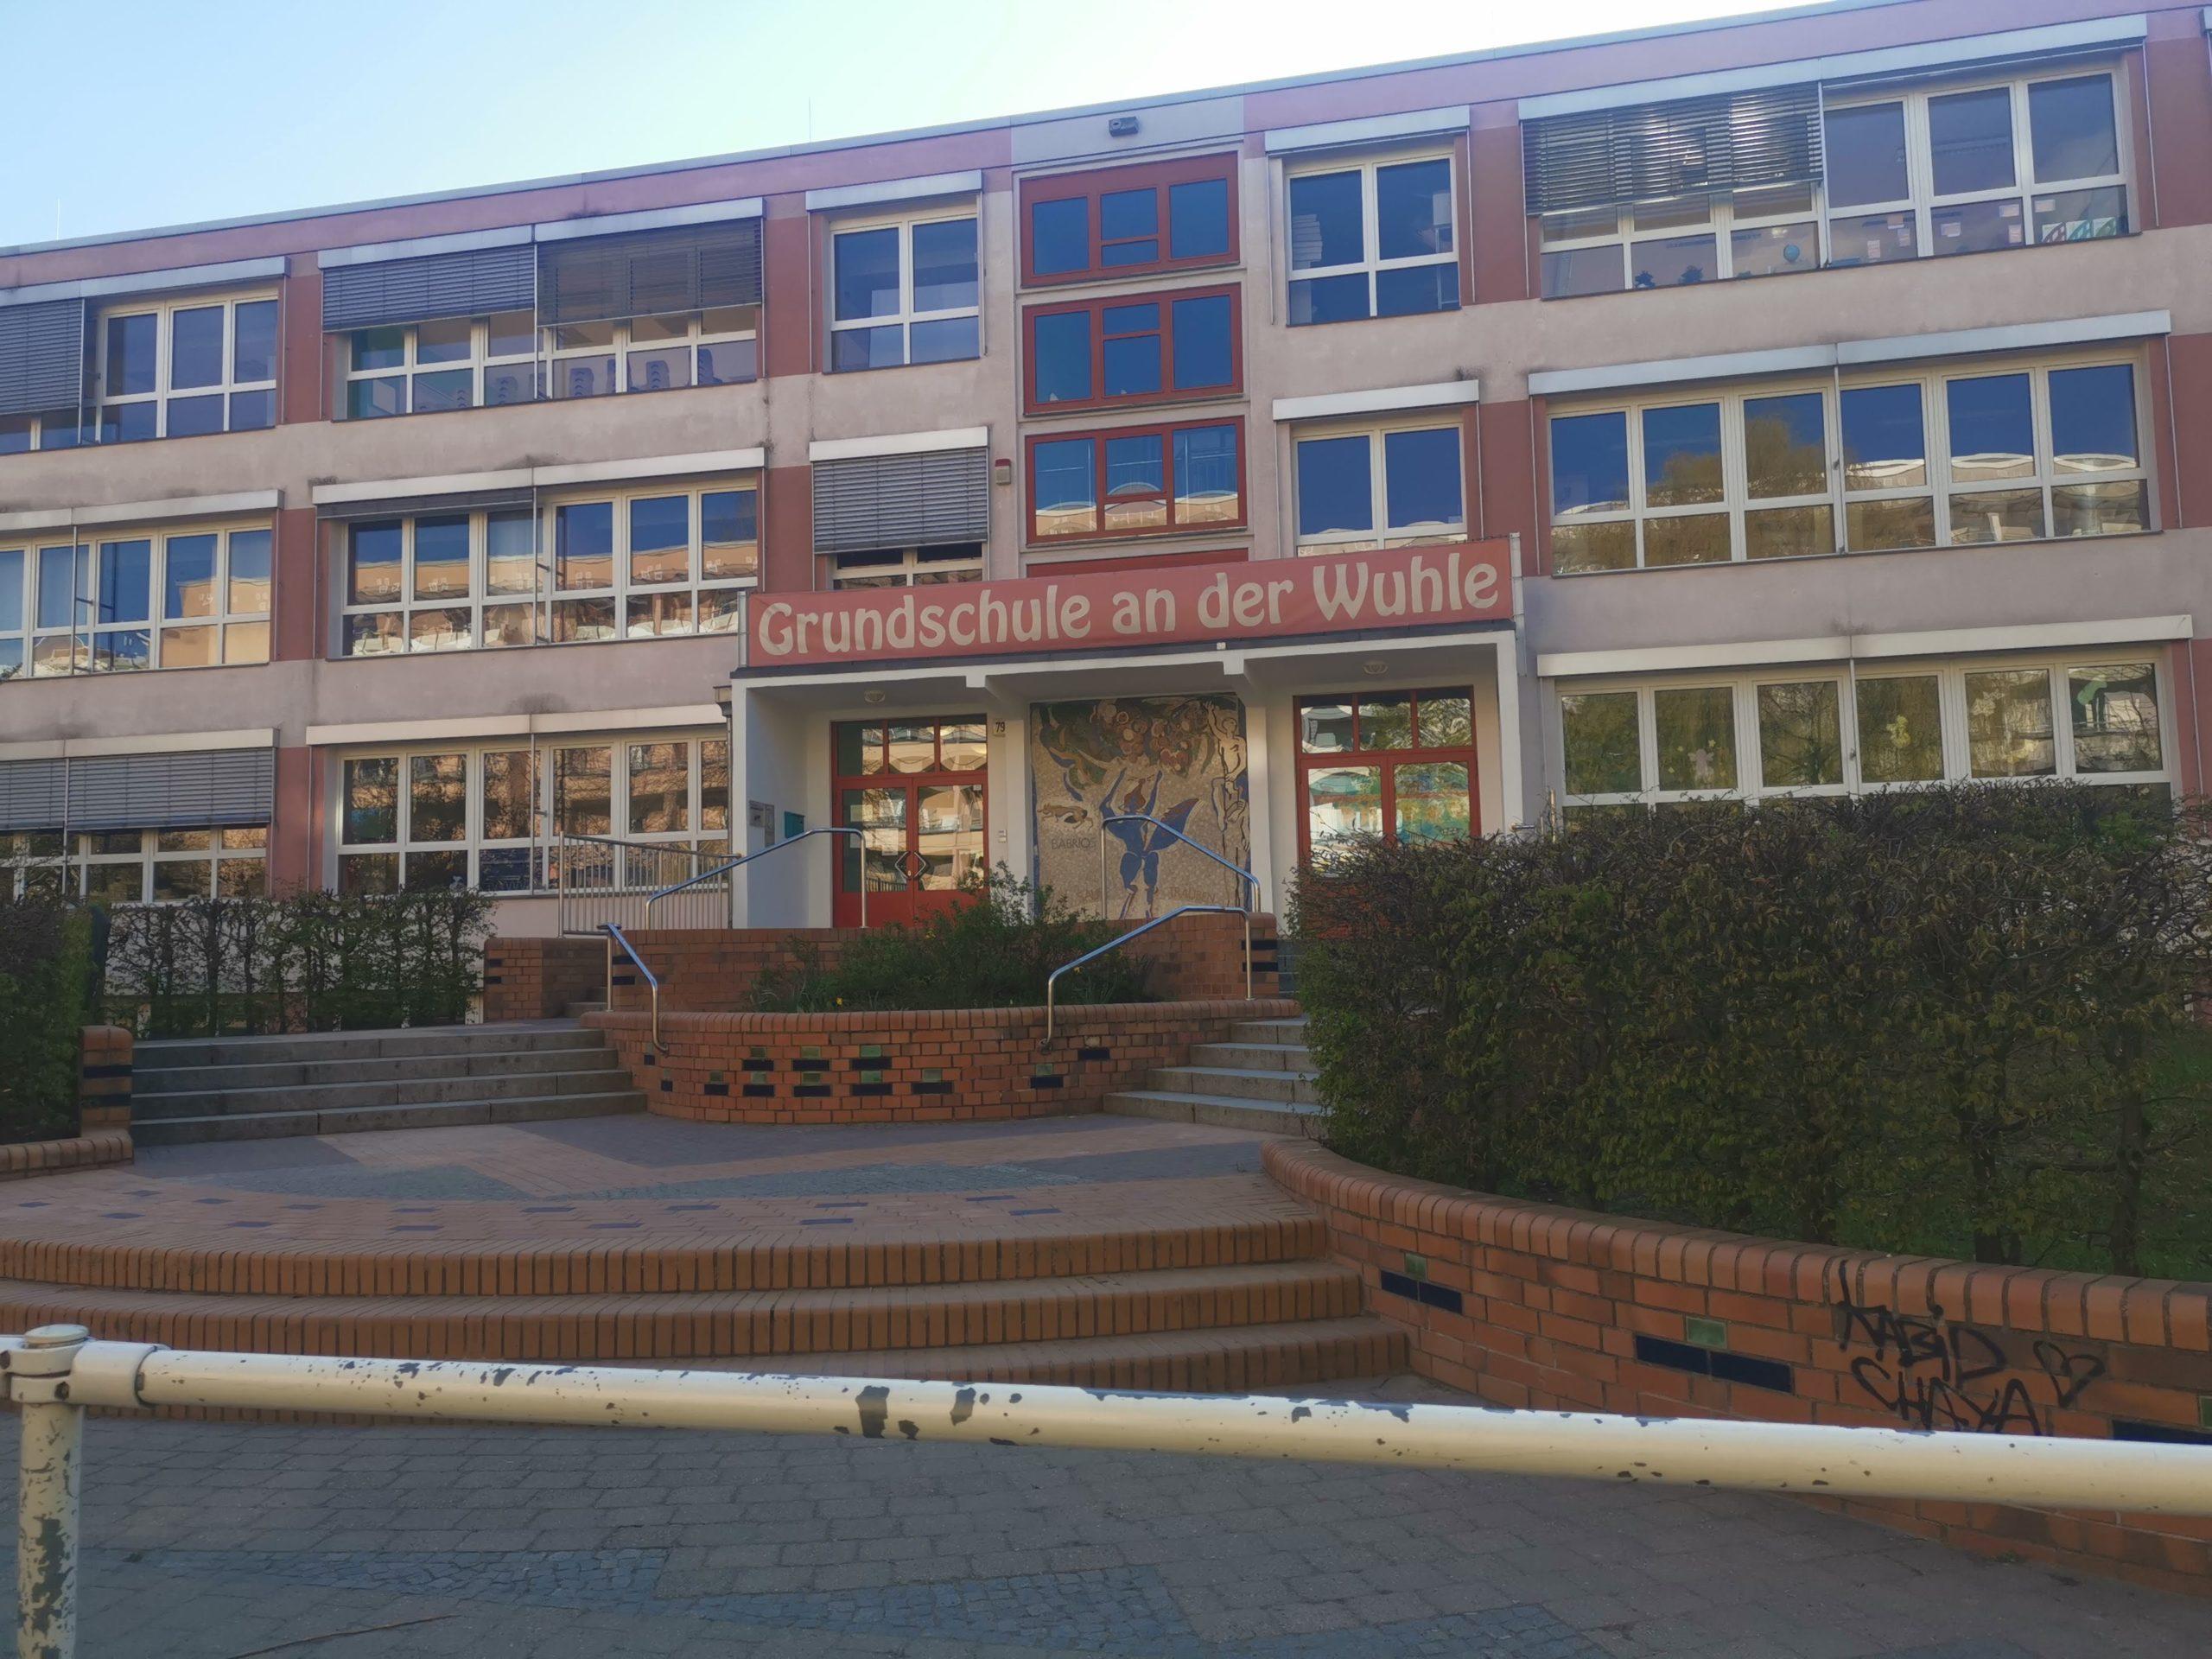 Grundschule an der Wuhle